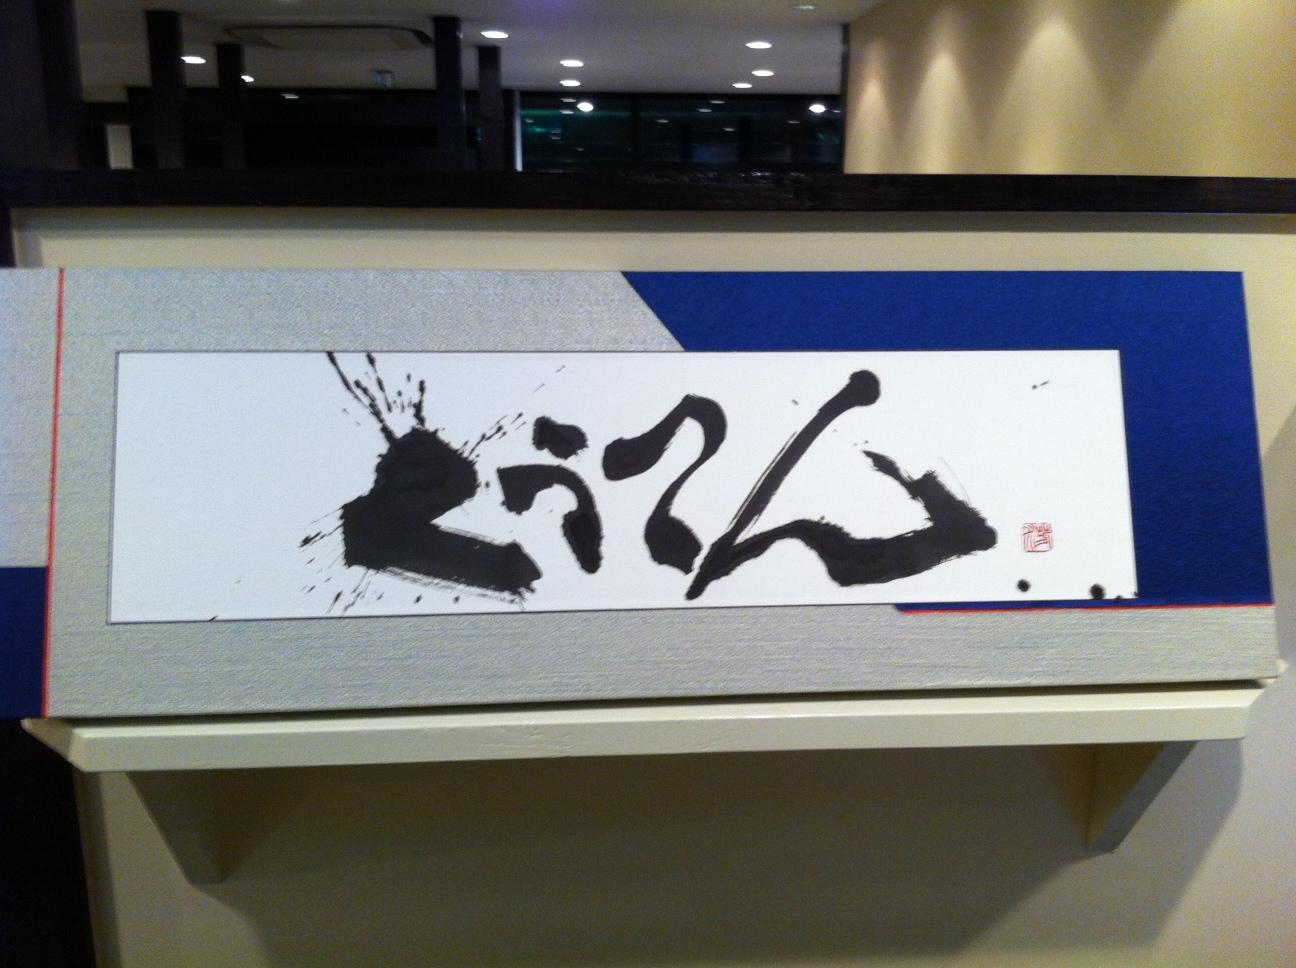 串屋「くうてん」様 看板のロゴを書かせてもらいました。